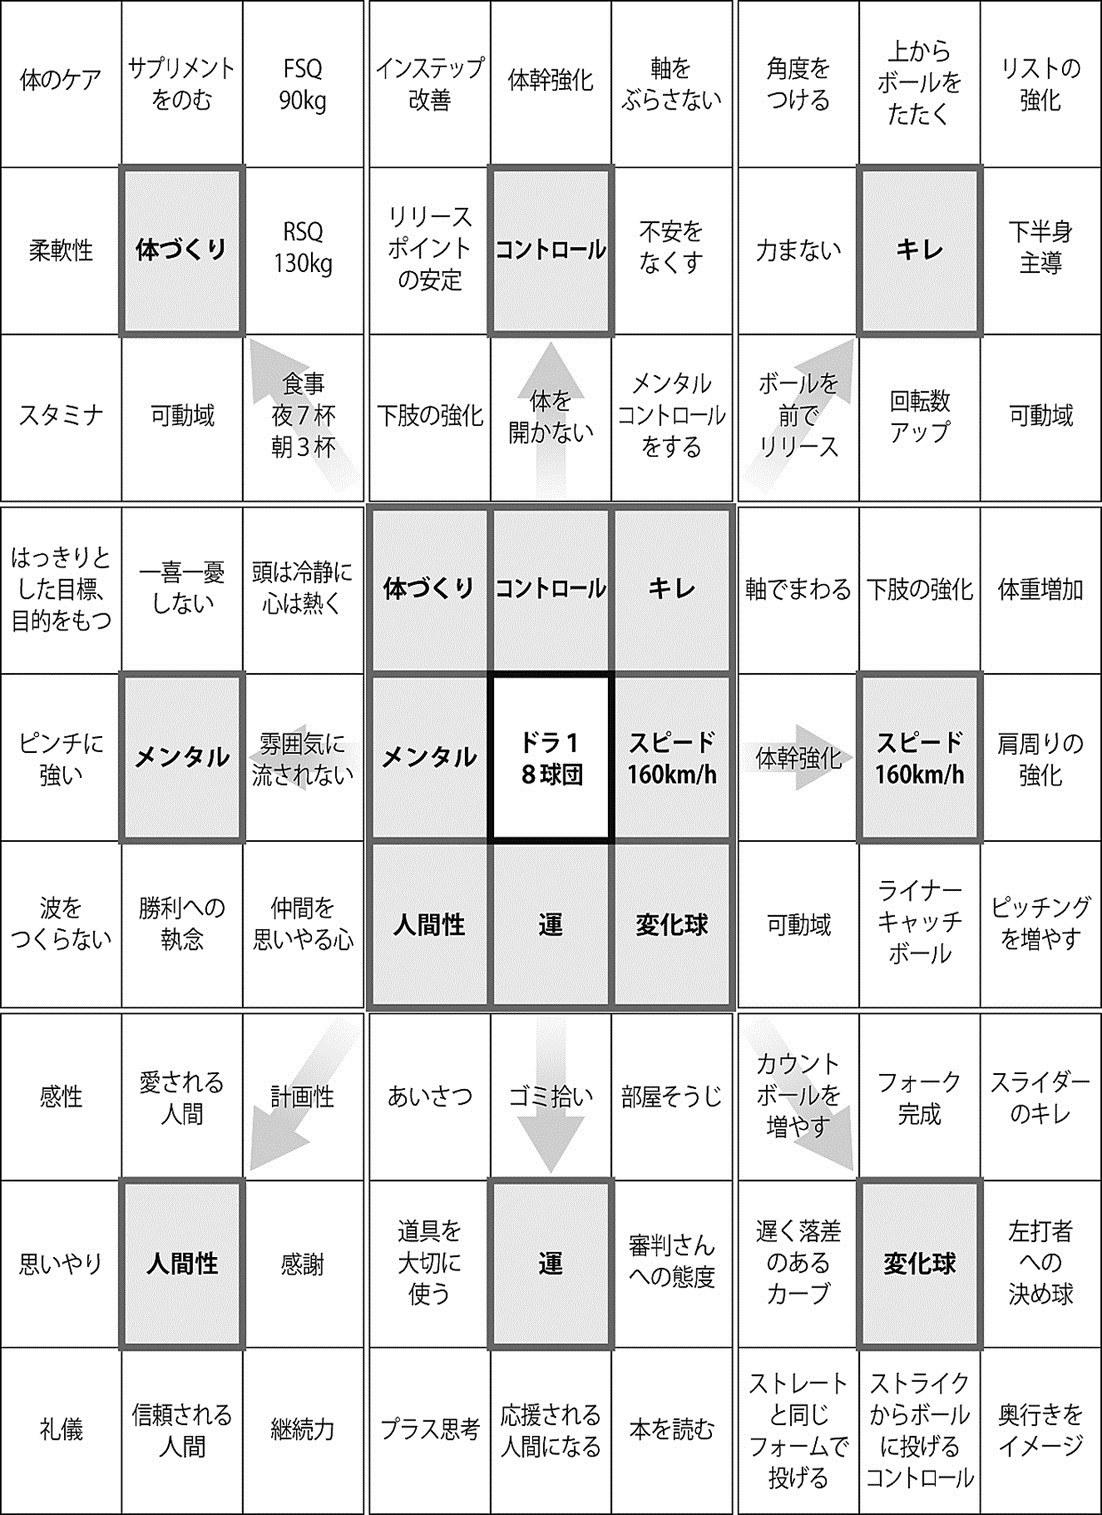 """引用:<a href=""""https://www.atpress.ne.jp/releases/123243/att_123243_1.jpg"""">@Press</a>(元の記事は<a href=""""https://www.atpress.ne.jp/news/123243"""">こちら</a>)"""